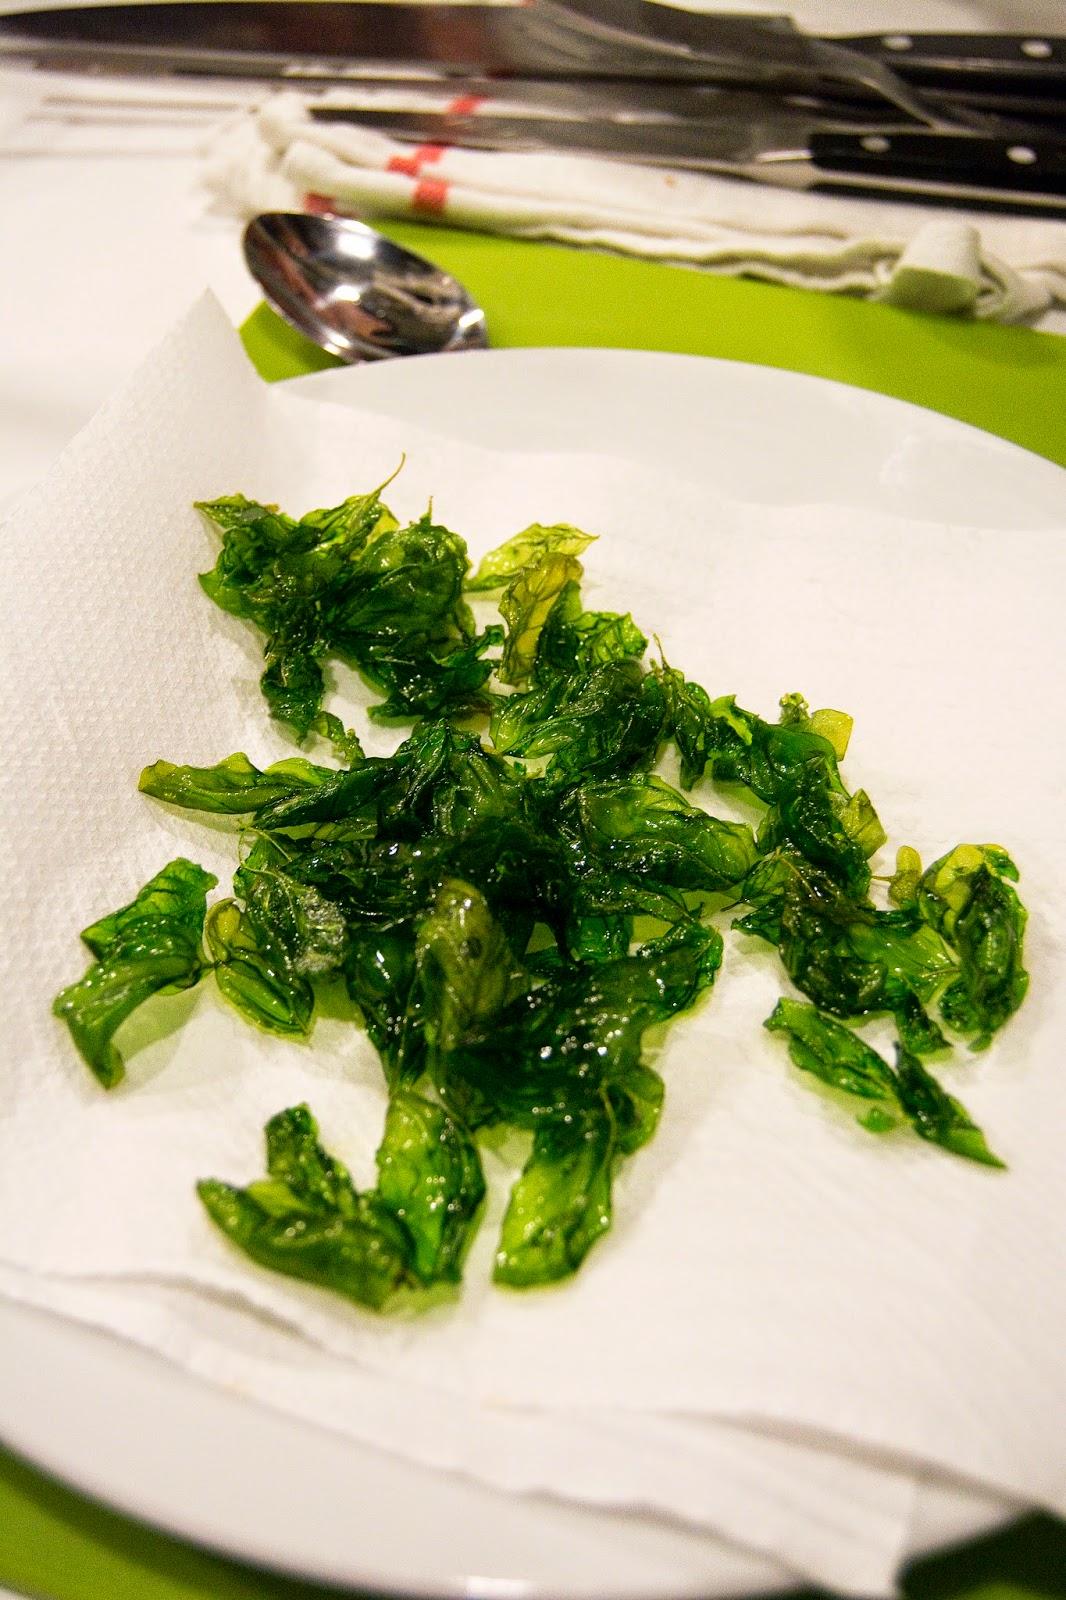 Atuty - krótki kurs kuchni francuskiej - chipsy bazyliowe